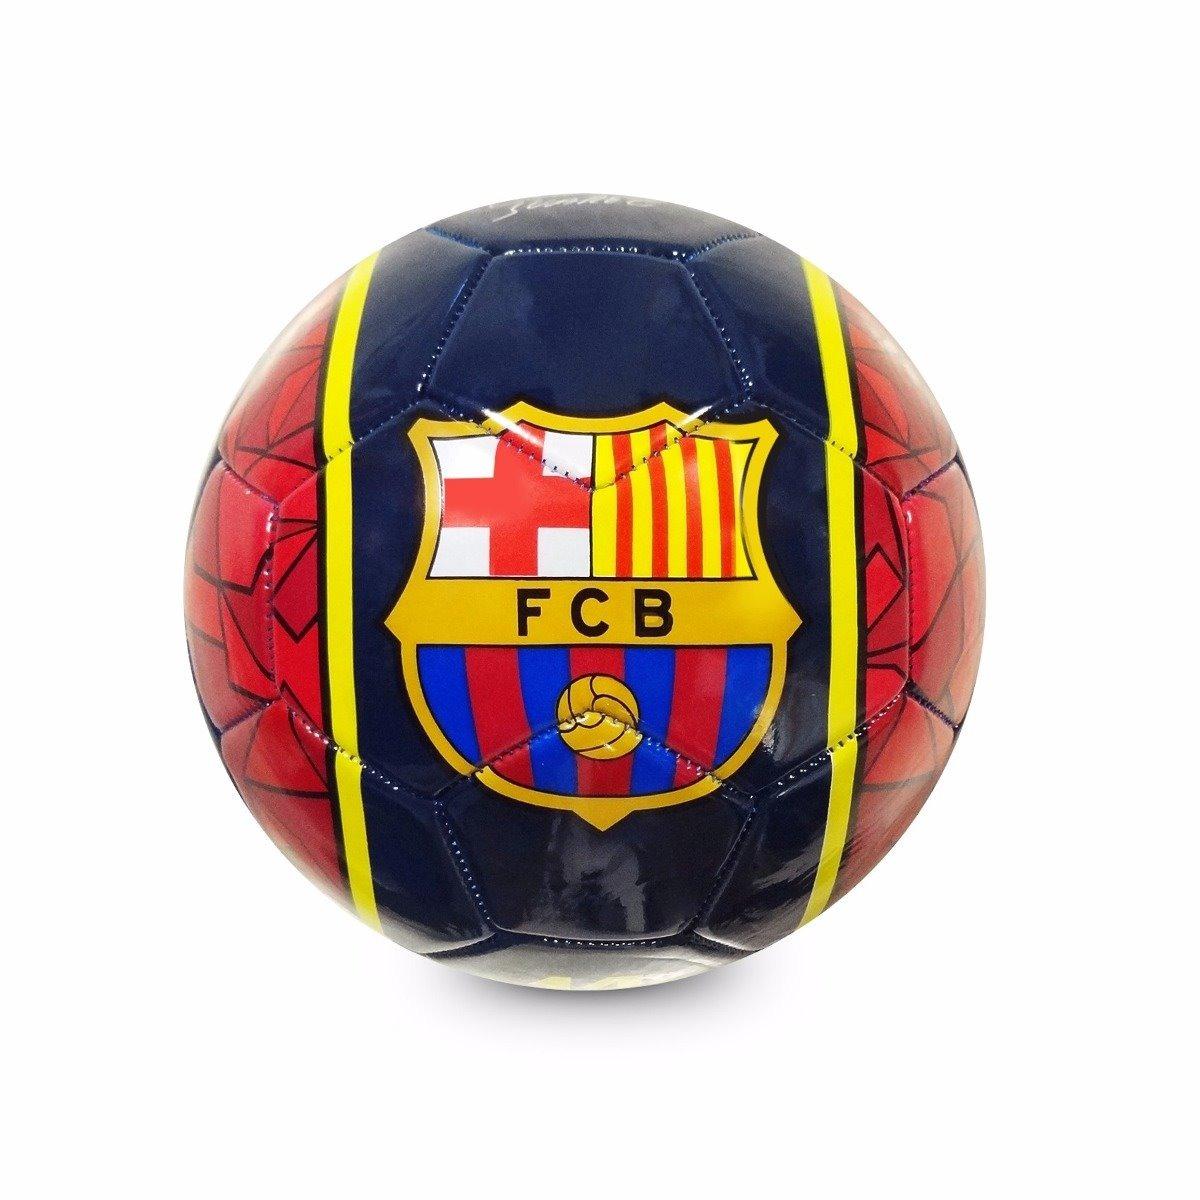 pelota futbol barcelona n5 drb fcb estamos en congreso. Cargando zoom. 14d1c64050df7